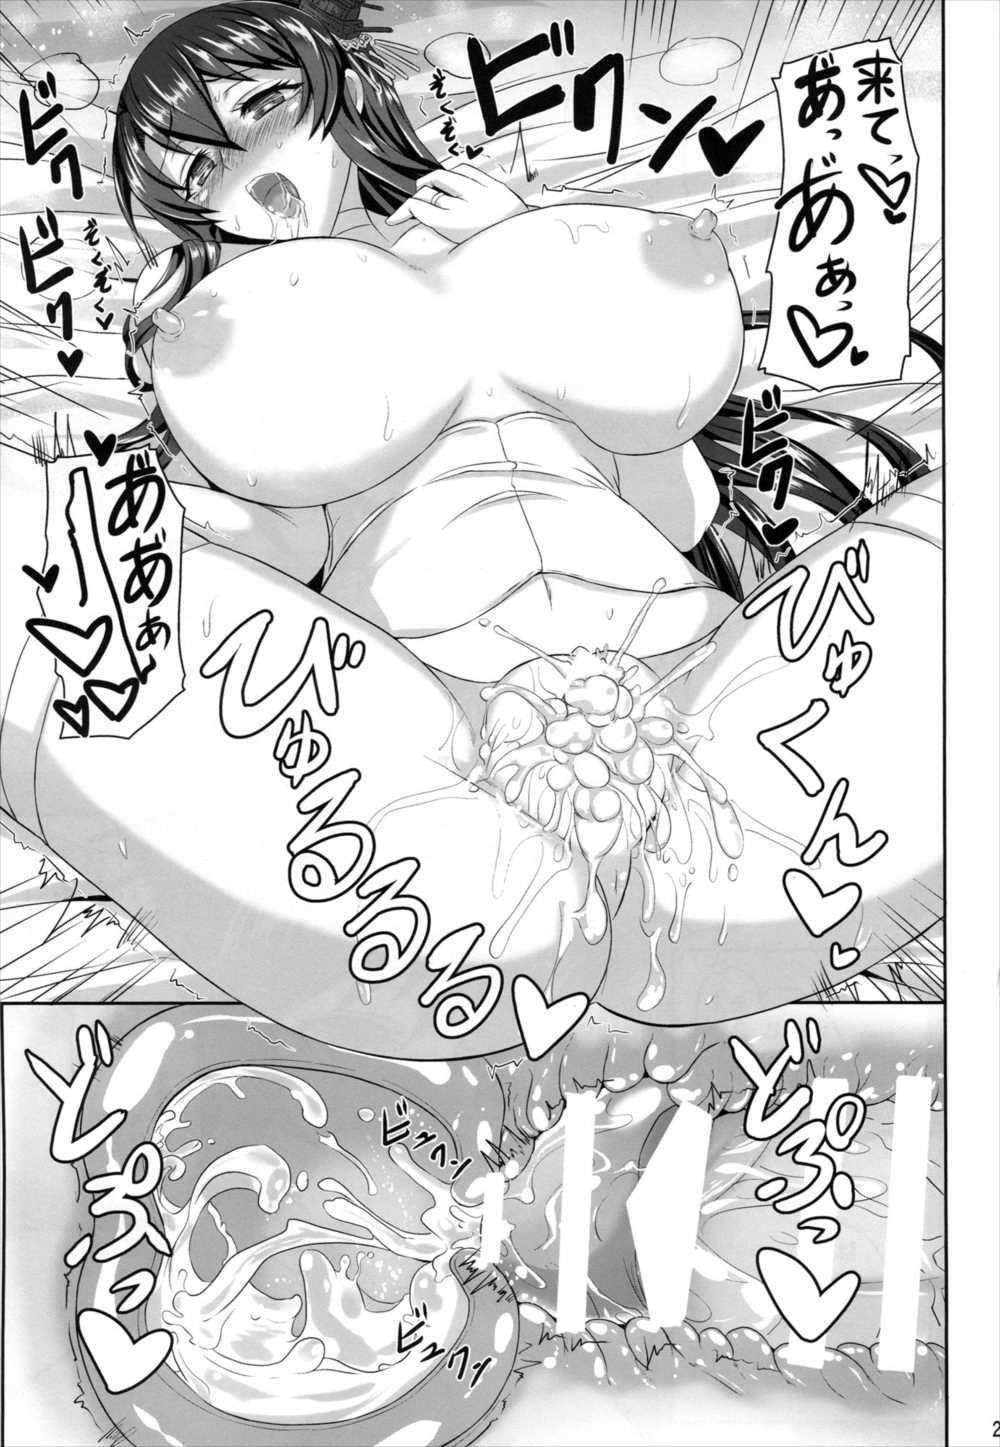 【エロ漫画】扶桑が提督と爆乳おっぱいで激しいパイズリして赤ちゃん宿るように子作りセクロスwwwwww